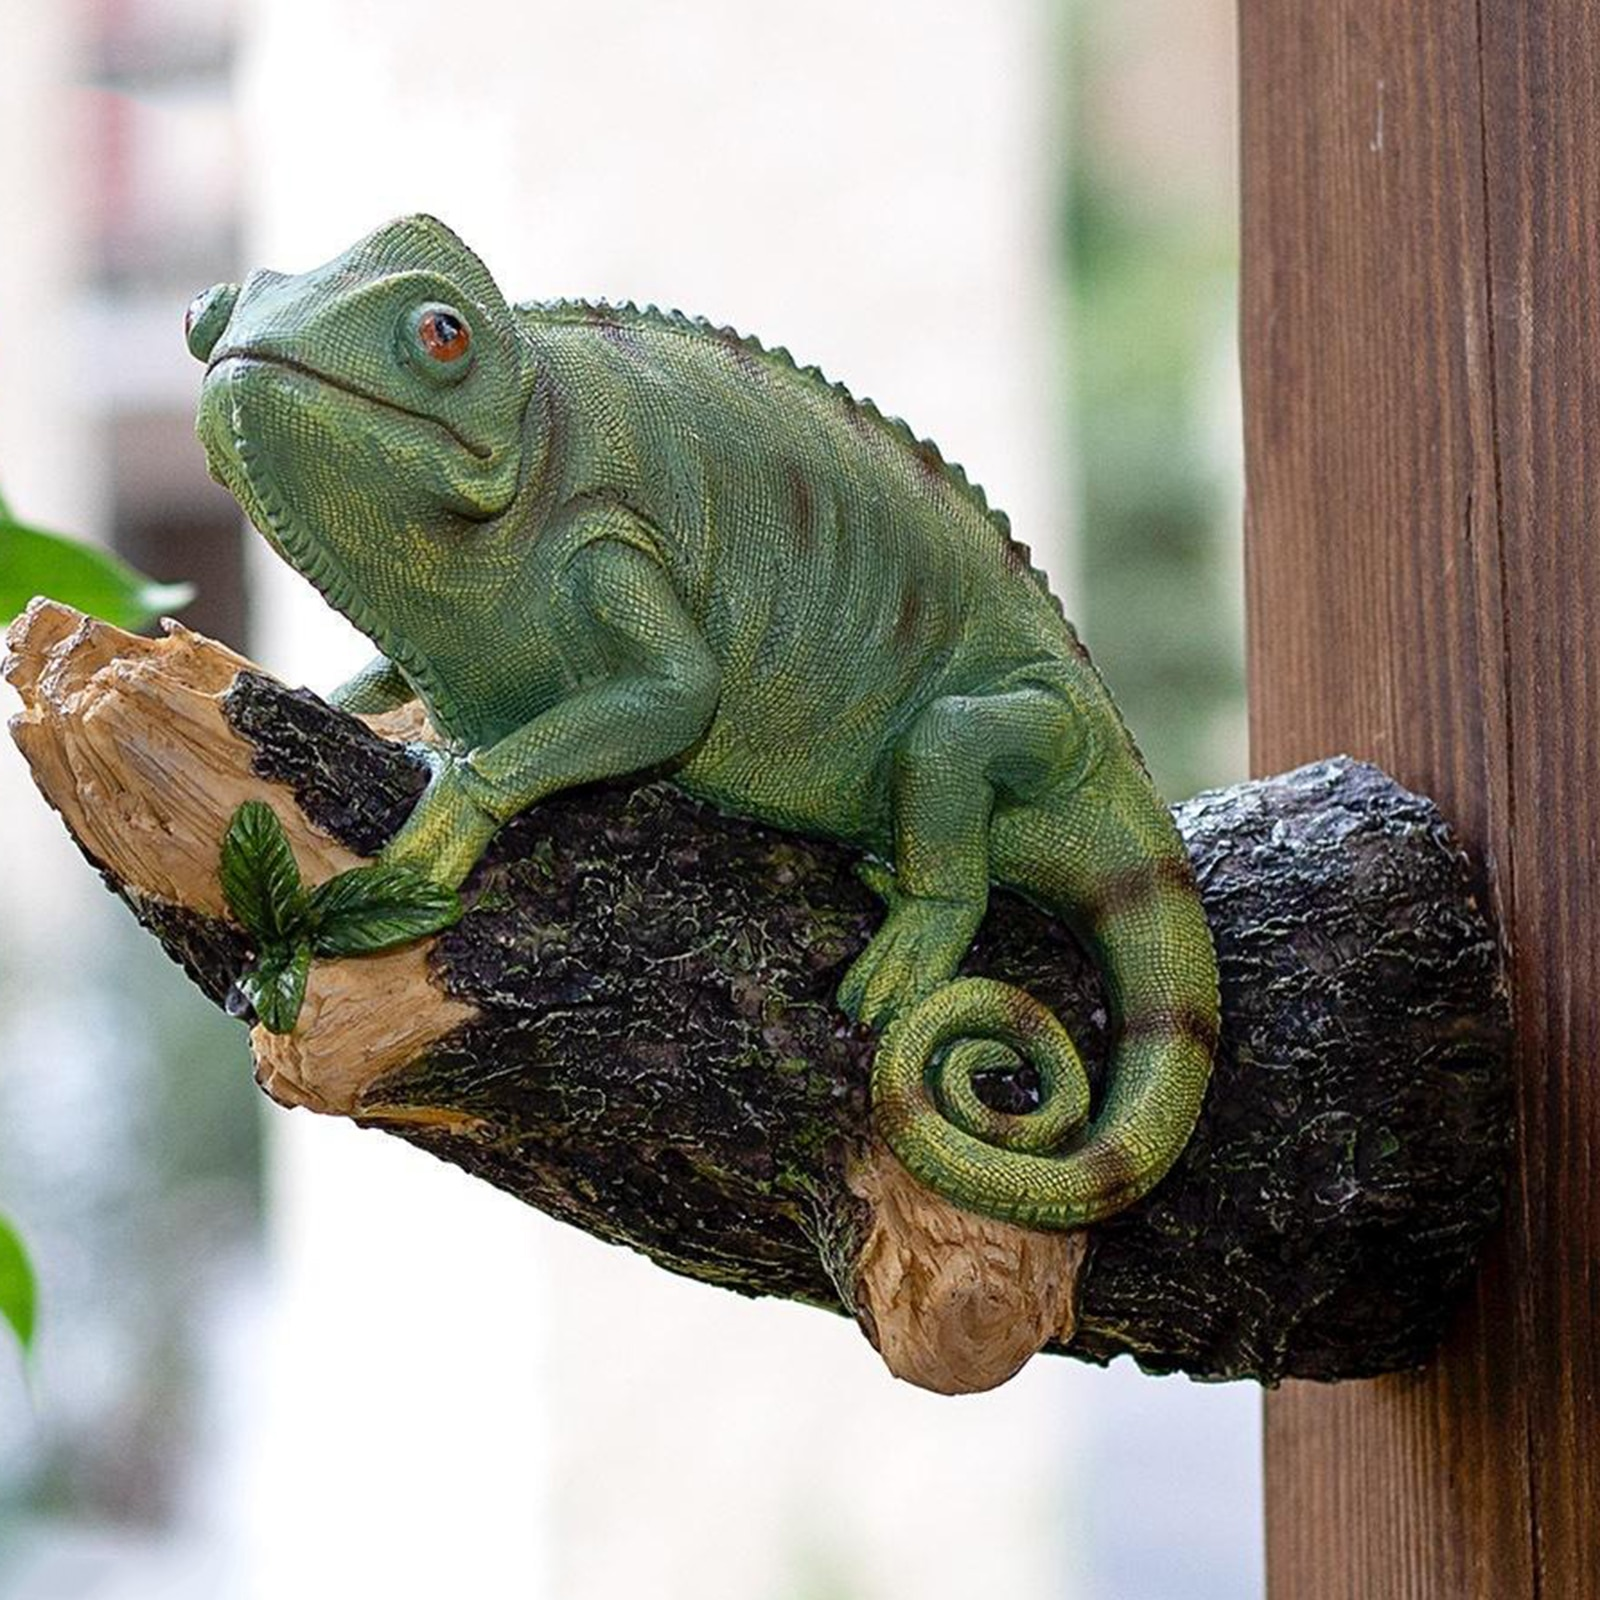 Статуэтка Хамелеона, скульптура ящерицы, украшение для офиса, сада, улицы, дерево